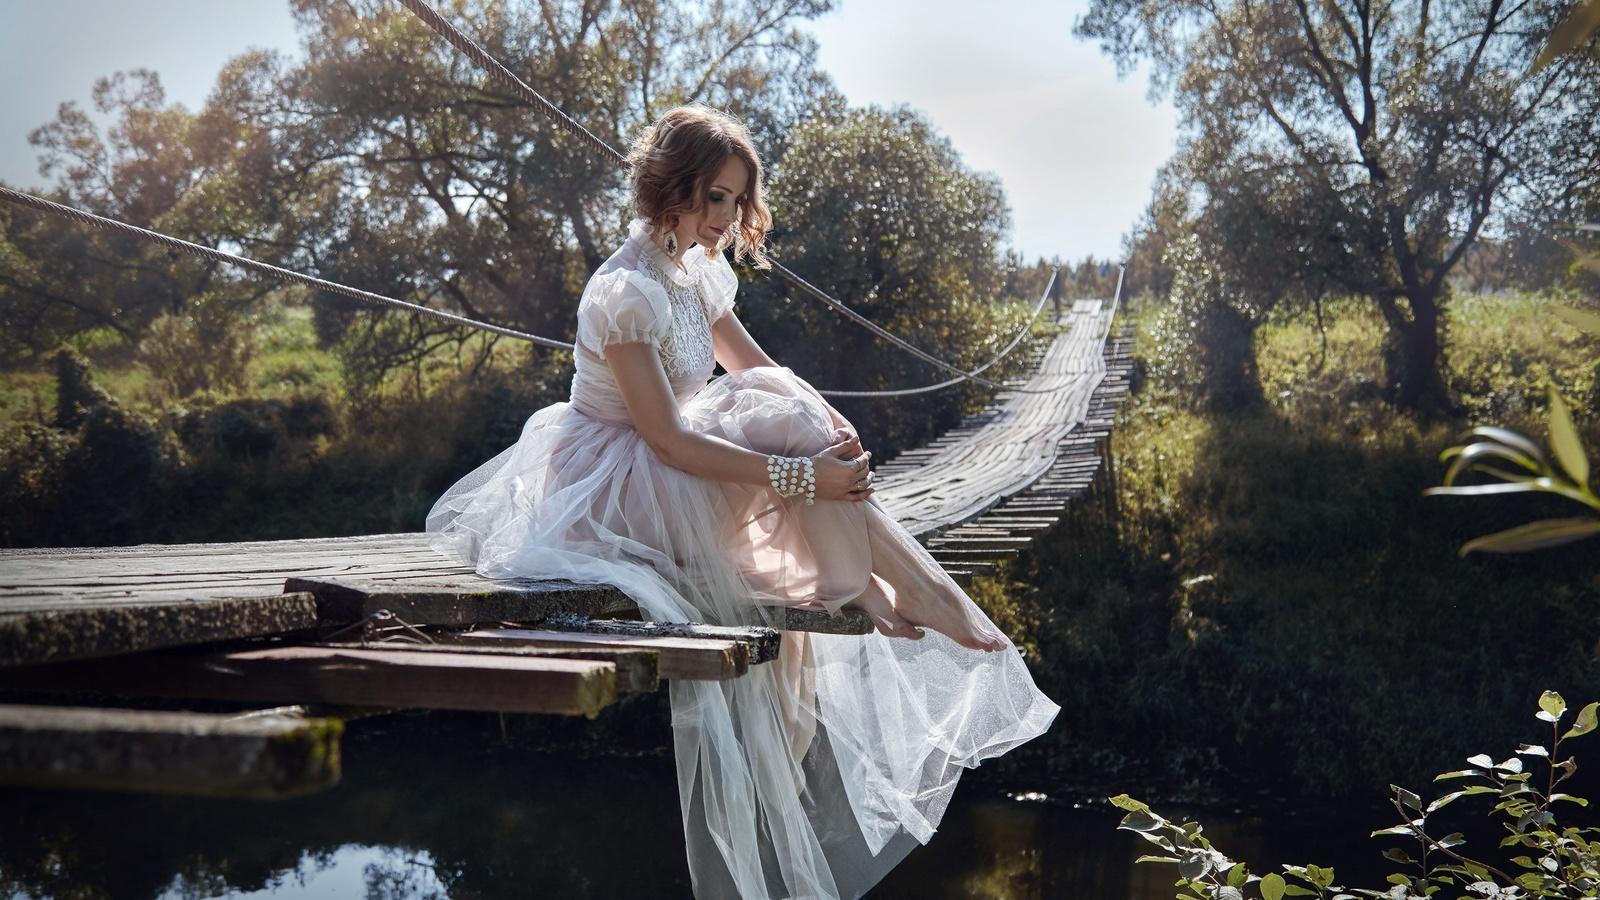 река, подвесной мост, девушка